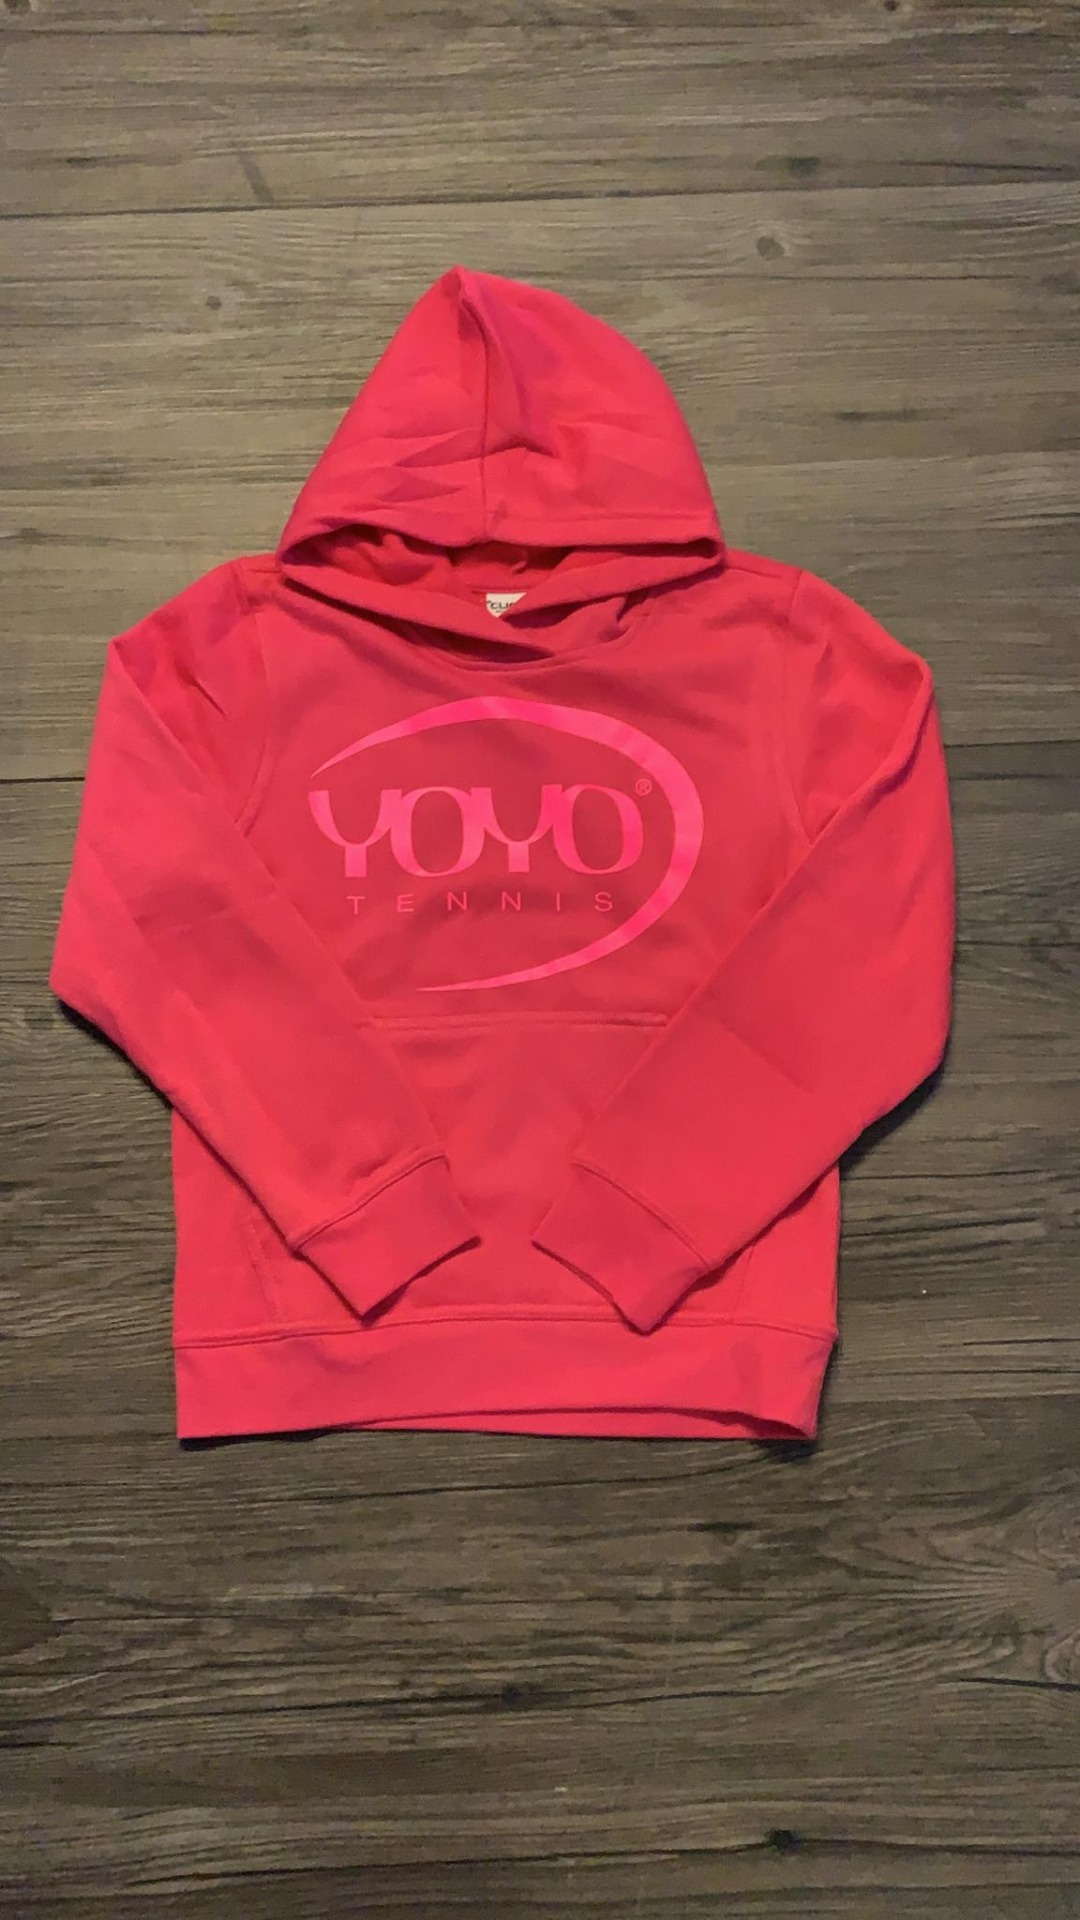 YOYO-TENNIS Hoody Pink con Logo Rosa Bambina